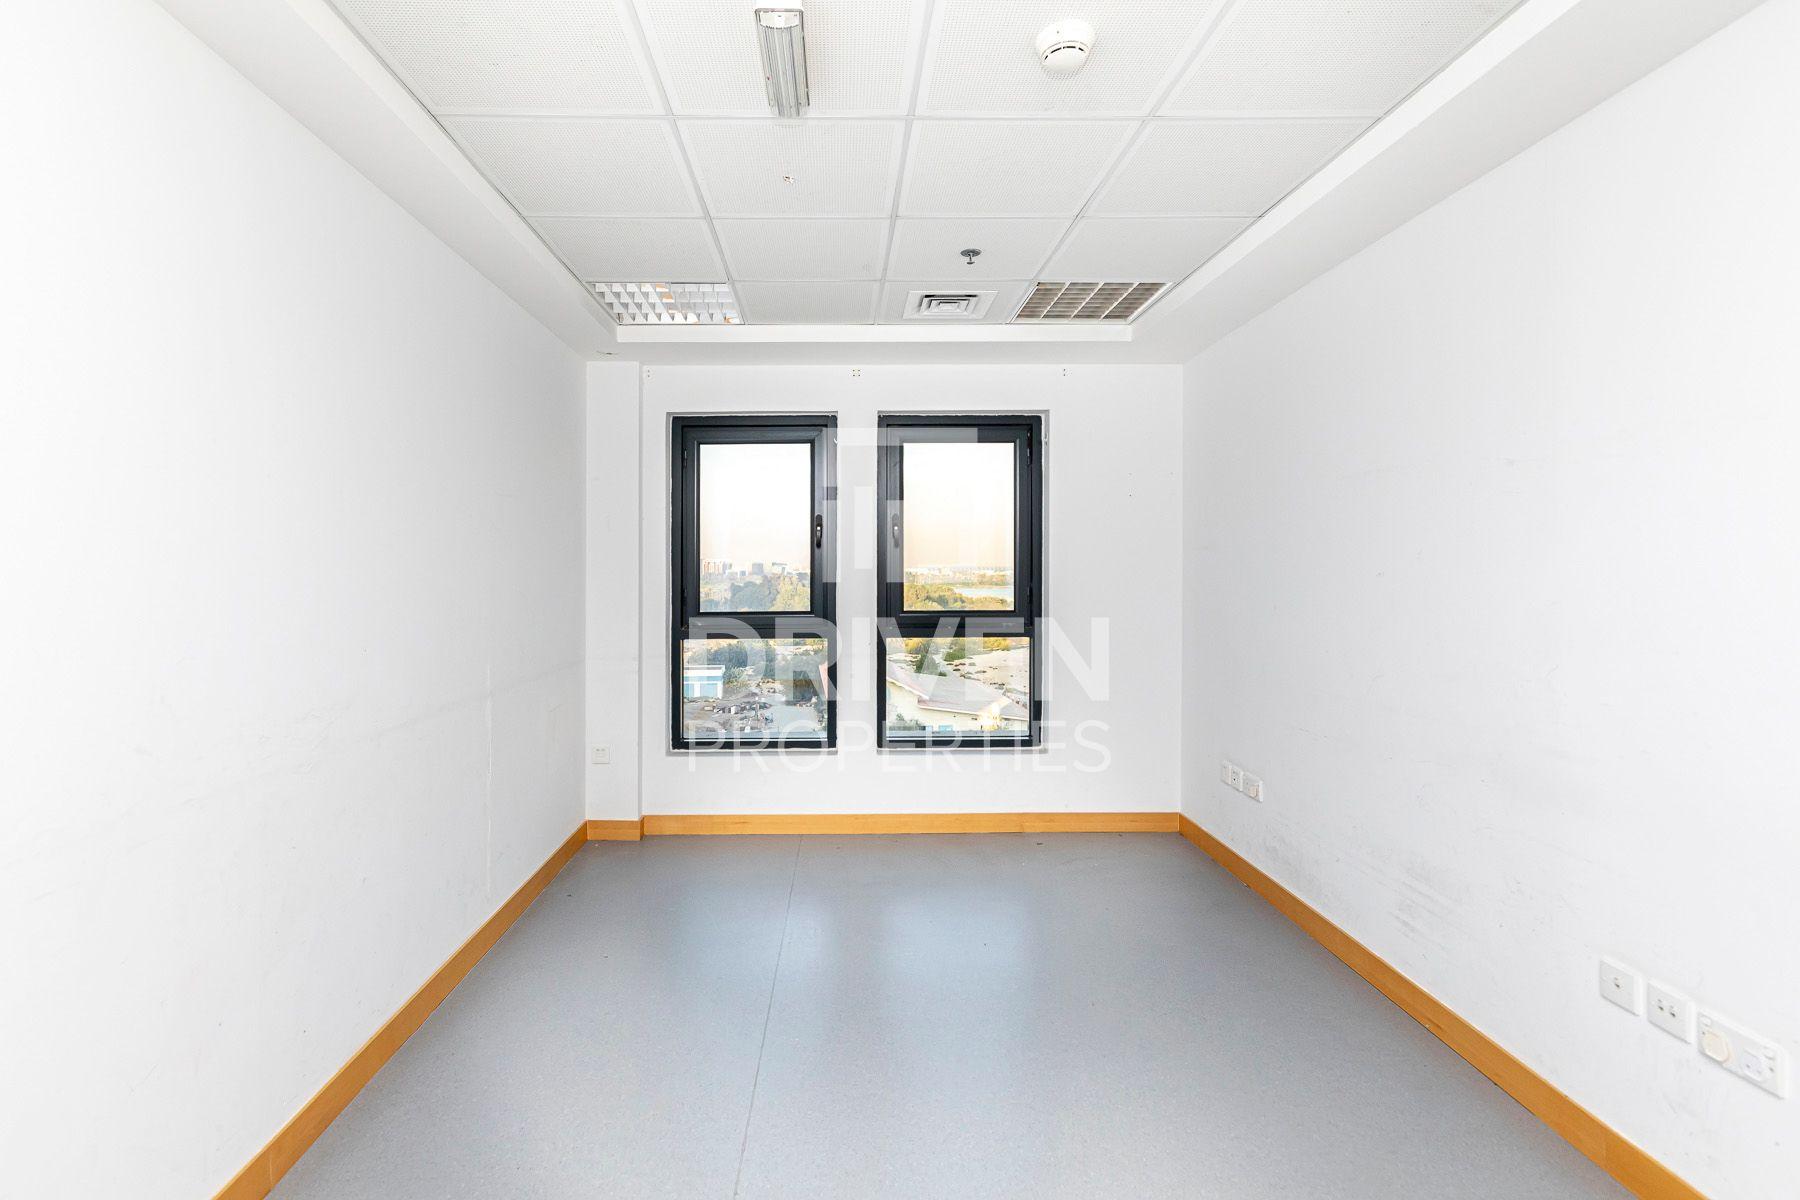 للايجار - مكتب - مبنى 27 - مدينة دبي الطبية